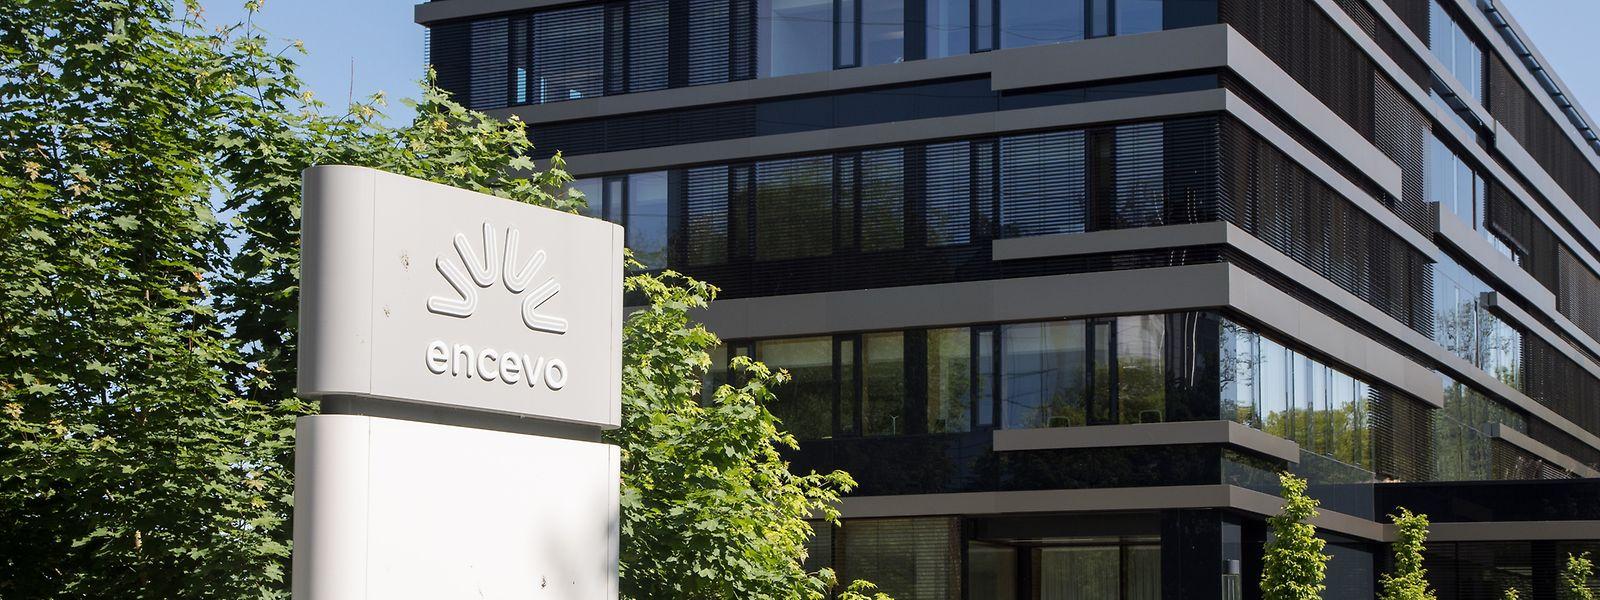 Für 2017 wird die Encevo-Gruppe eine Dividende in Höhe von 24,5 Millionen Euro auszahlen.